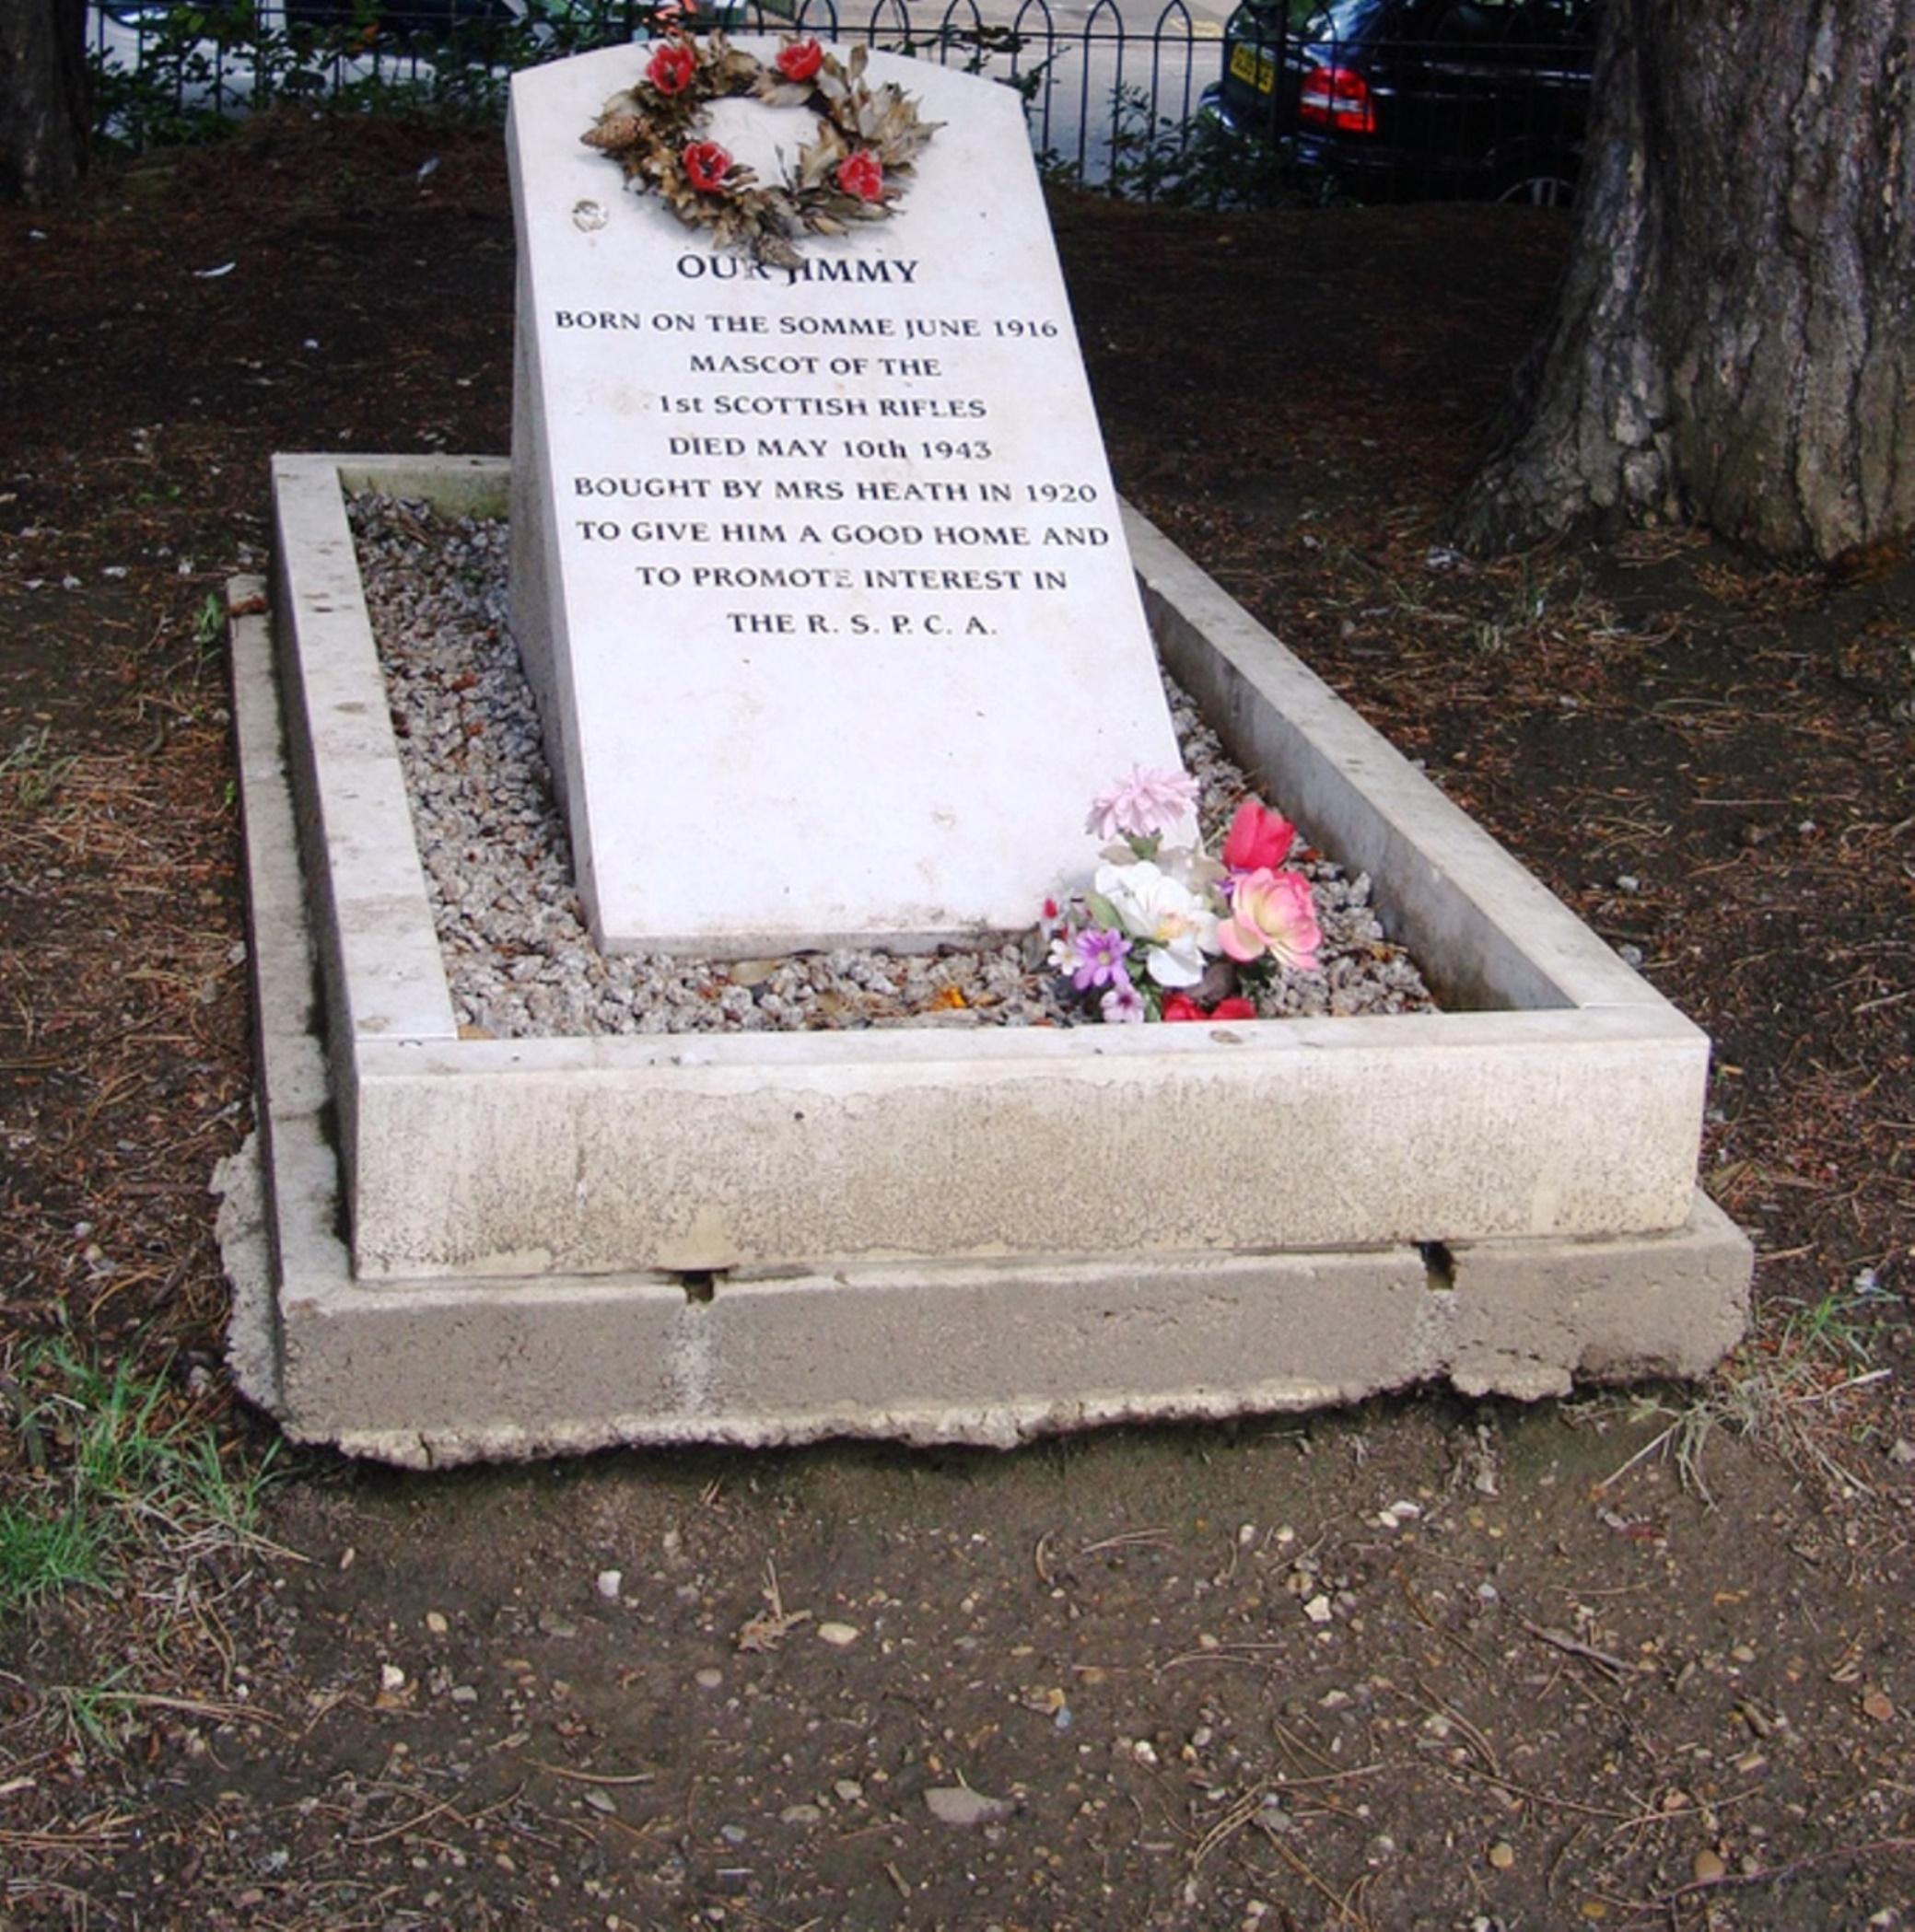 Jimmy the Donkey's gravestone